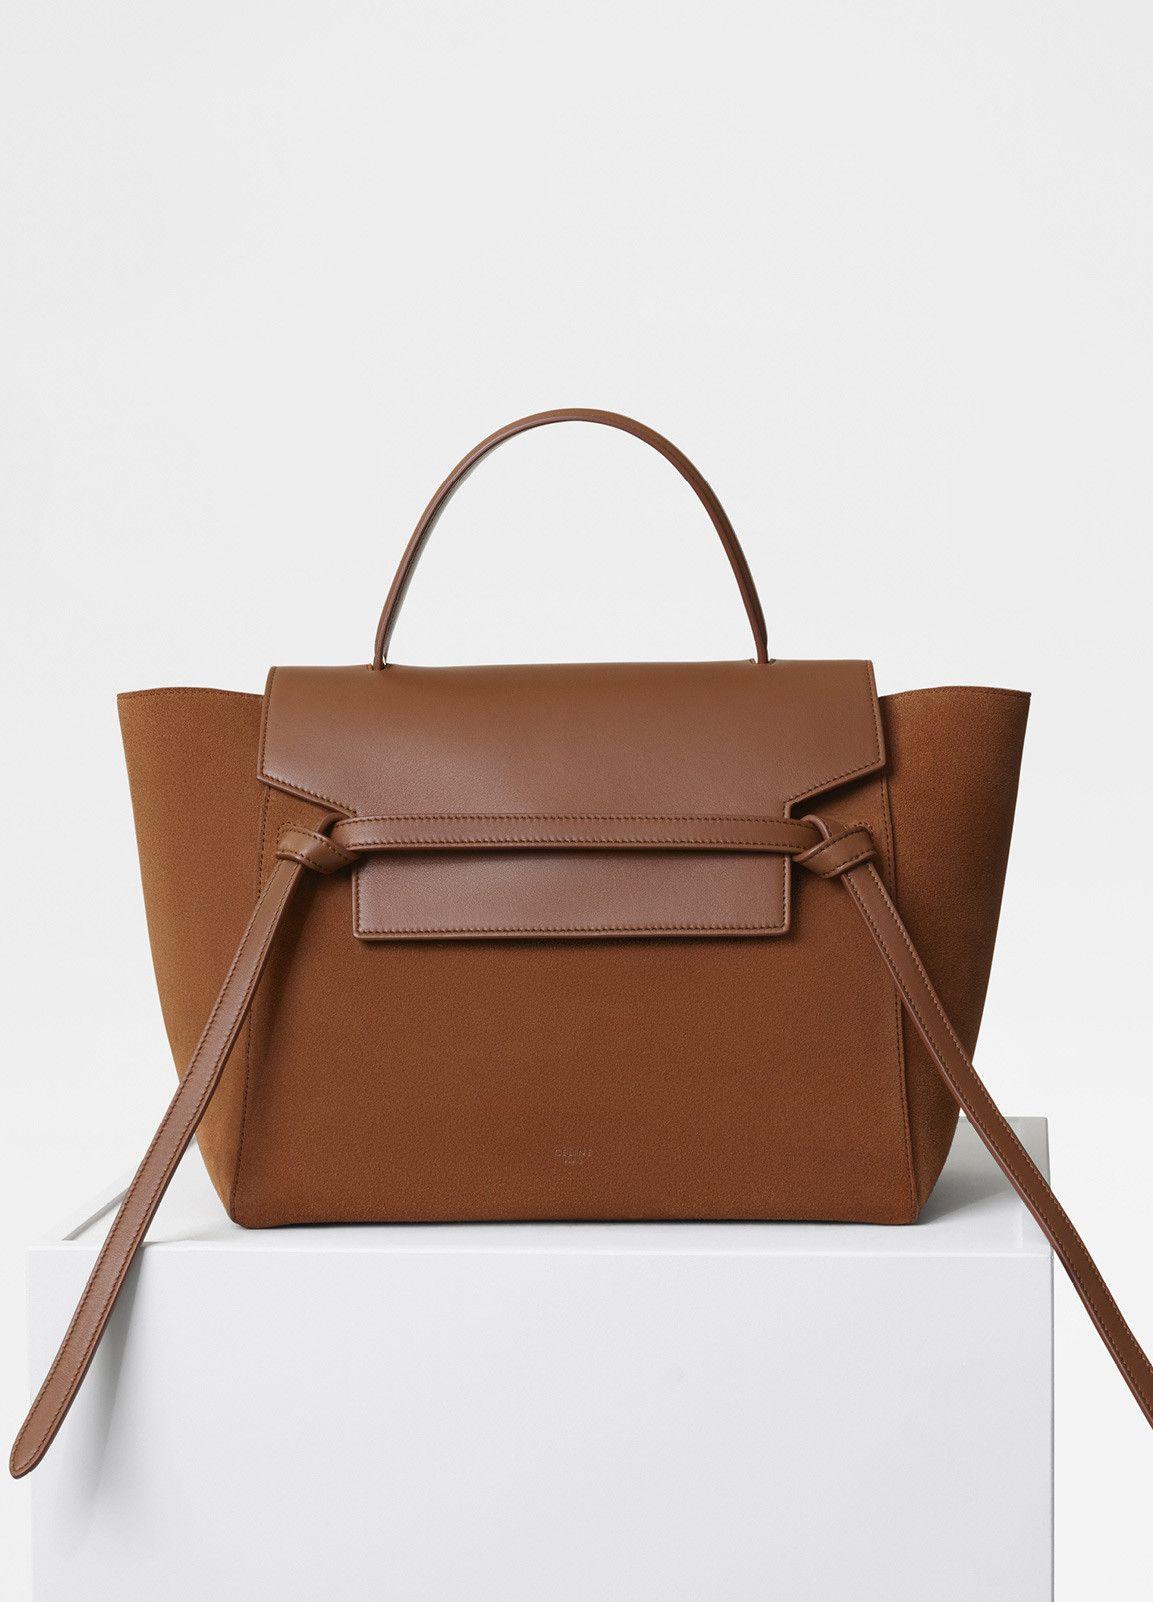 Celine Tan Suede Mini Belt Bag